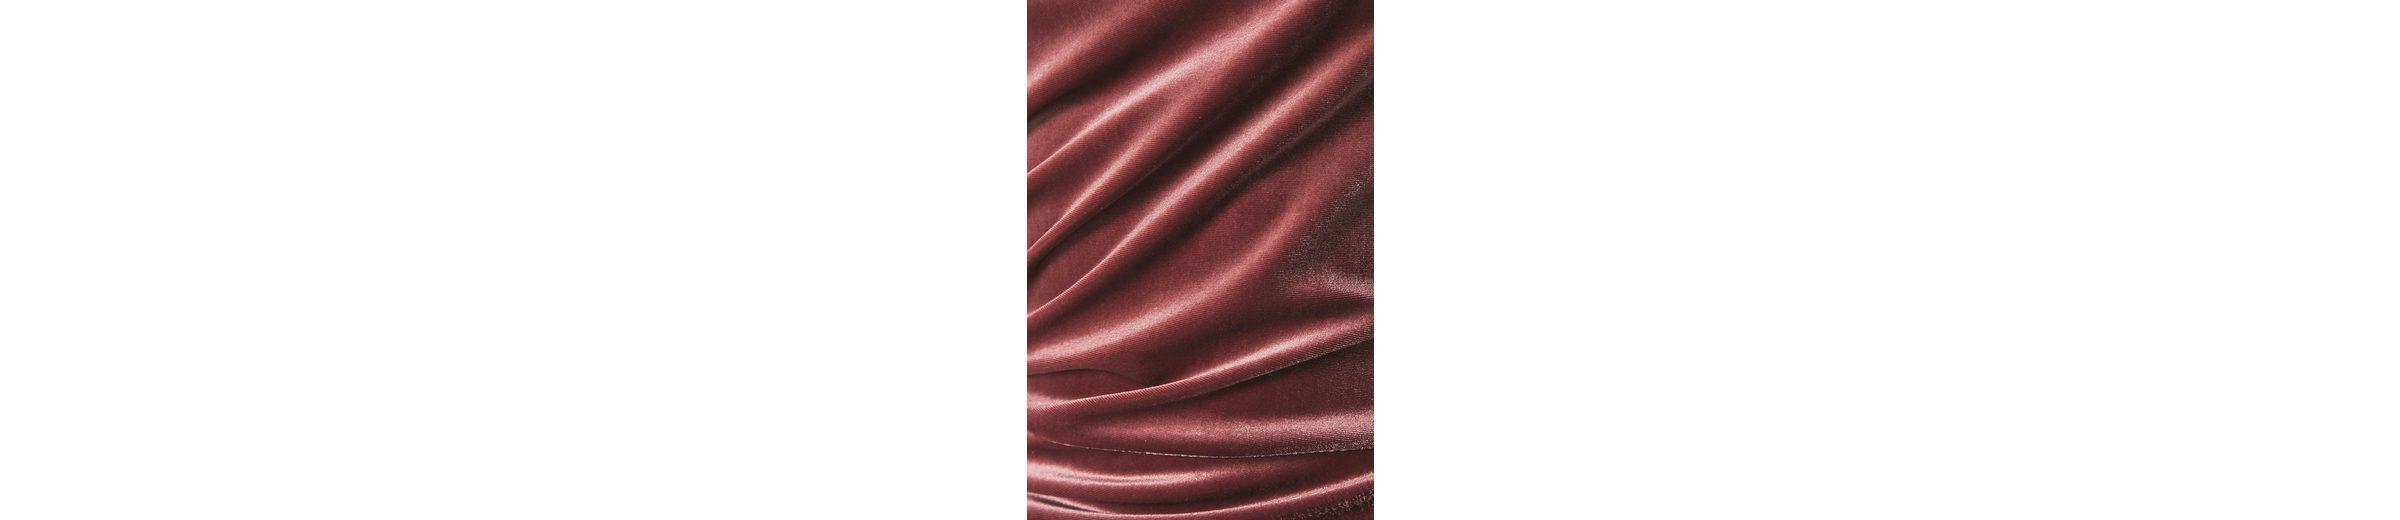 Rabatt Zuverlässig InWear Partykleid Nisas Billig Verkauf 2018 Neue Outlet Besten Großhandel Günstig Kaufen Klassisch Billig Günstig Online aEsNggvejt